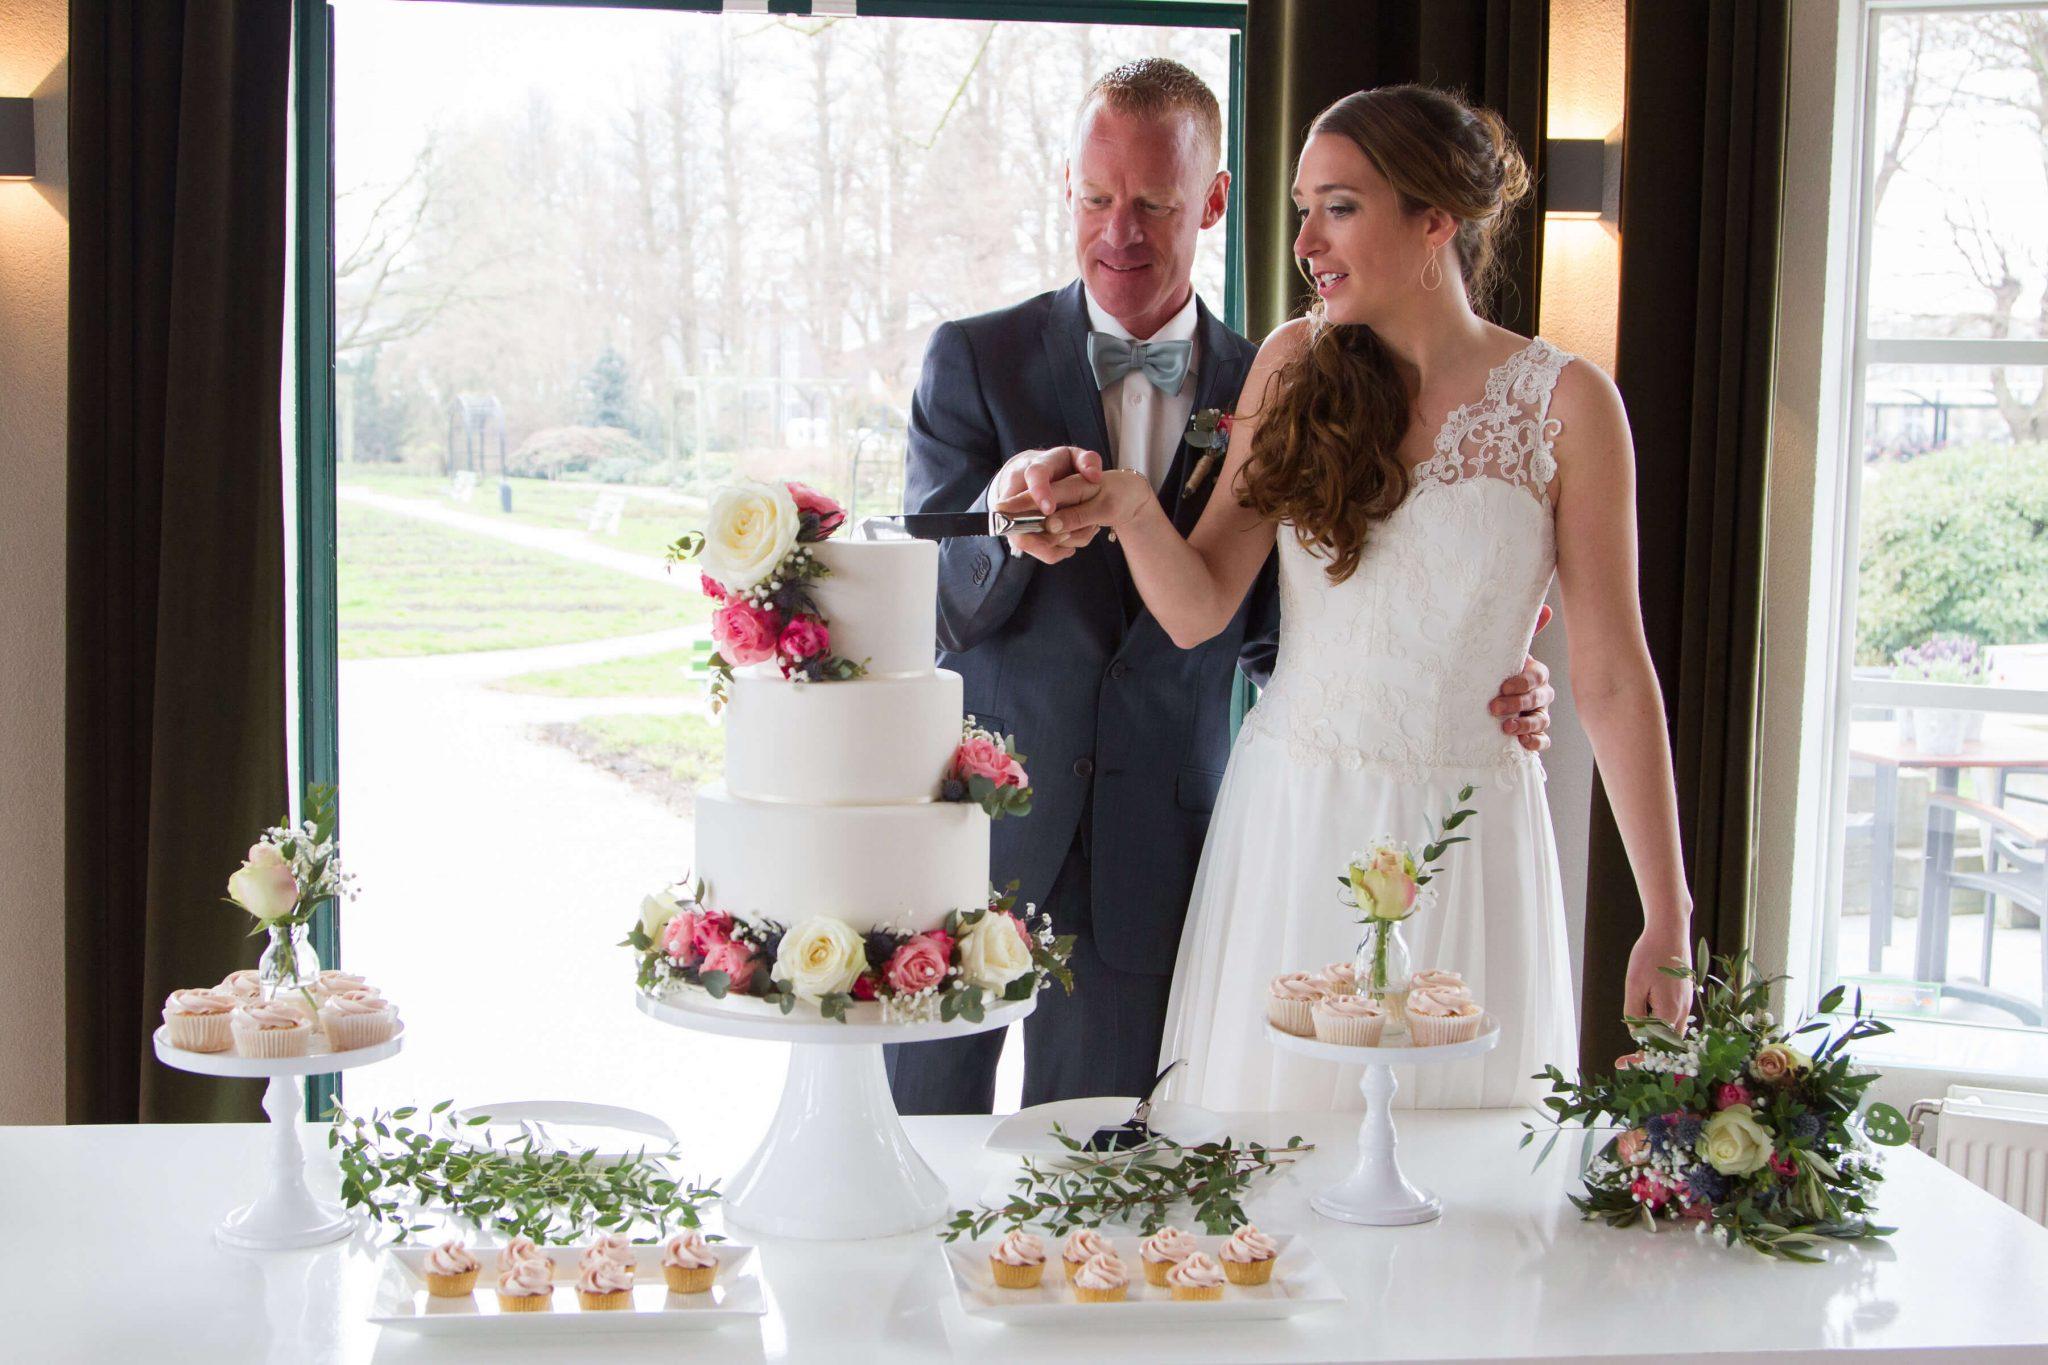 Sweet Table Bruidstaart Aansnijmoment Bloemen